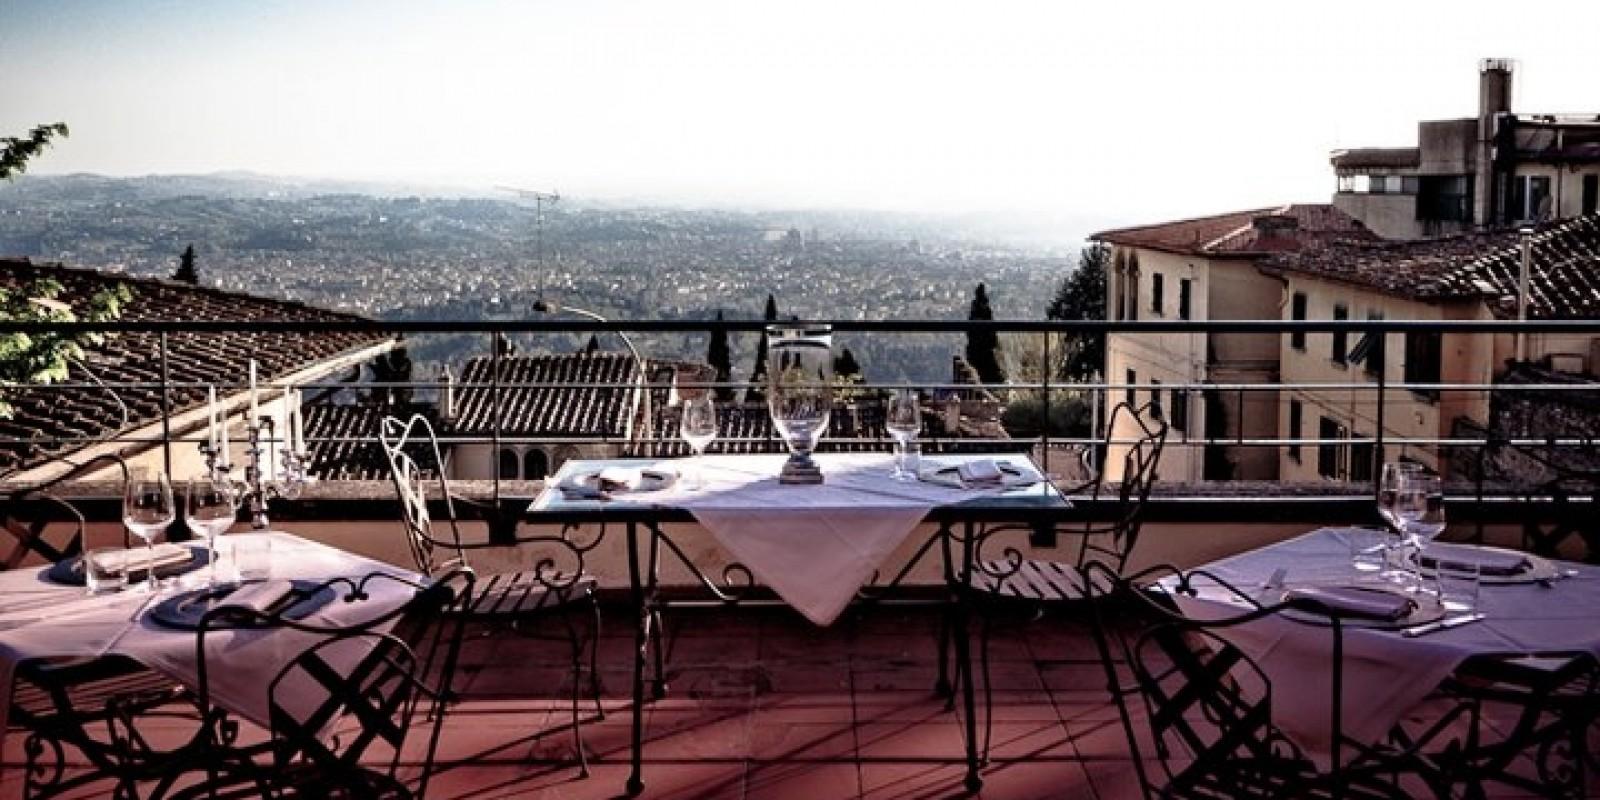 Dieci ristoranti di fiesole tra cucina toscana e panorama - Centro cucina firenze ...